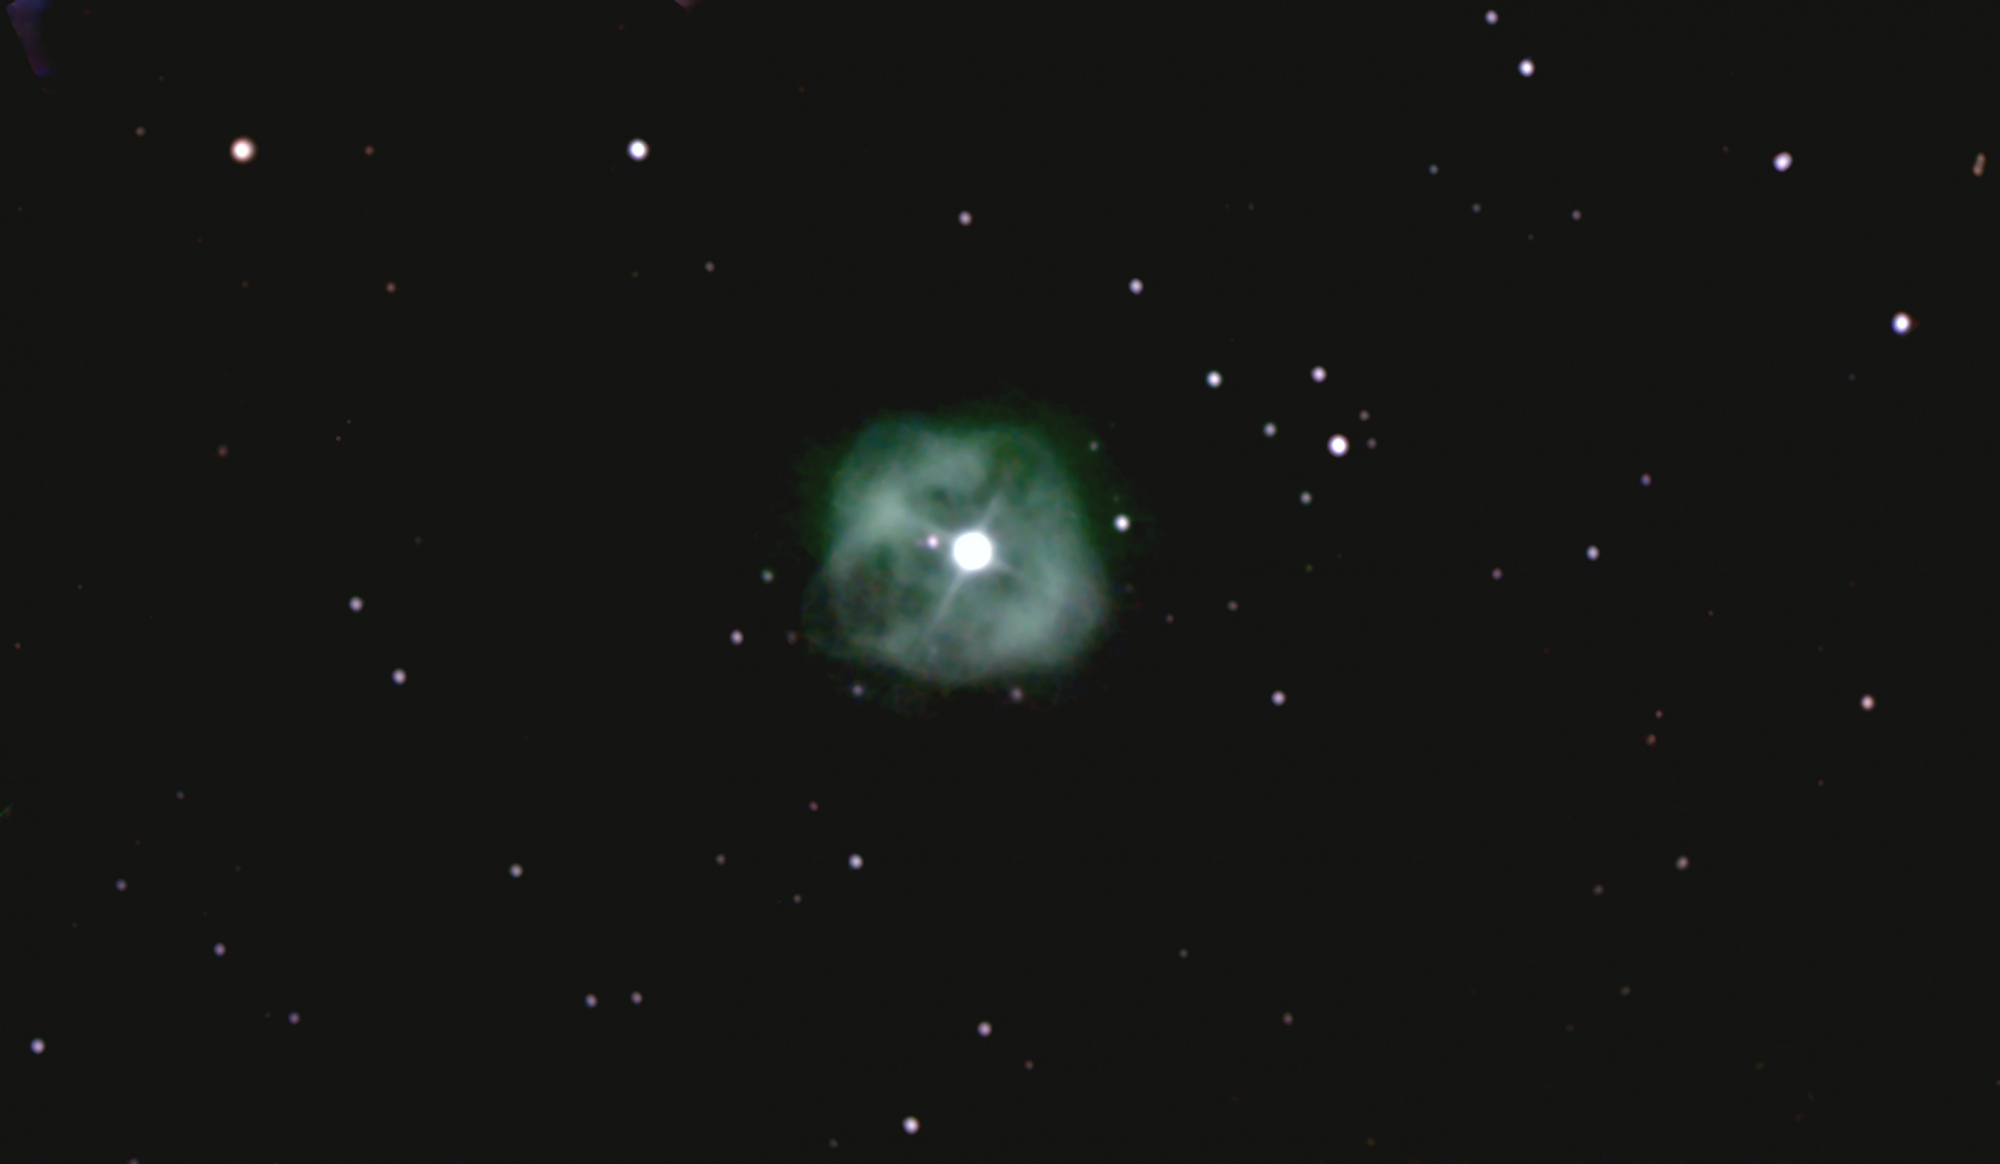 NGC1514.thumb.jpeg.36f6a3cd8b5b113ea7ebc432e6978bbc.jpeg